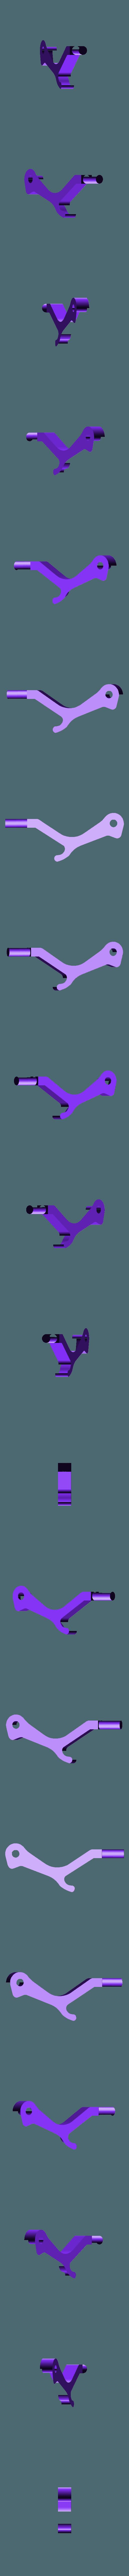 LGLegRear_Scaled.stl Télécharger fichier STL gratuit Module HF3D : Plan imprimé 3D • Modèle pour imprimante 3D, FurEter